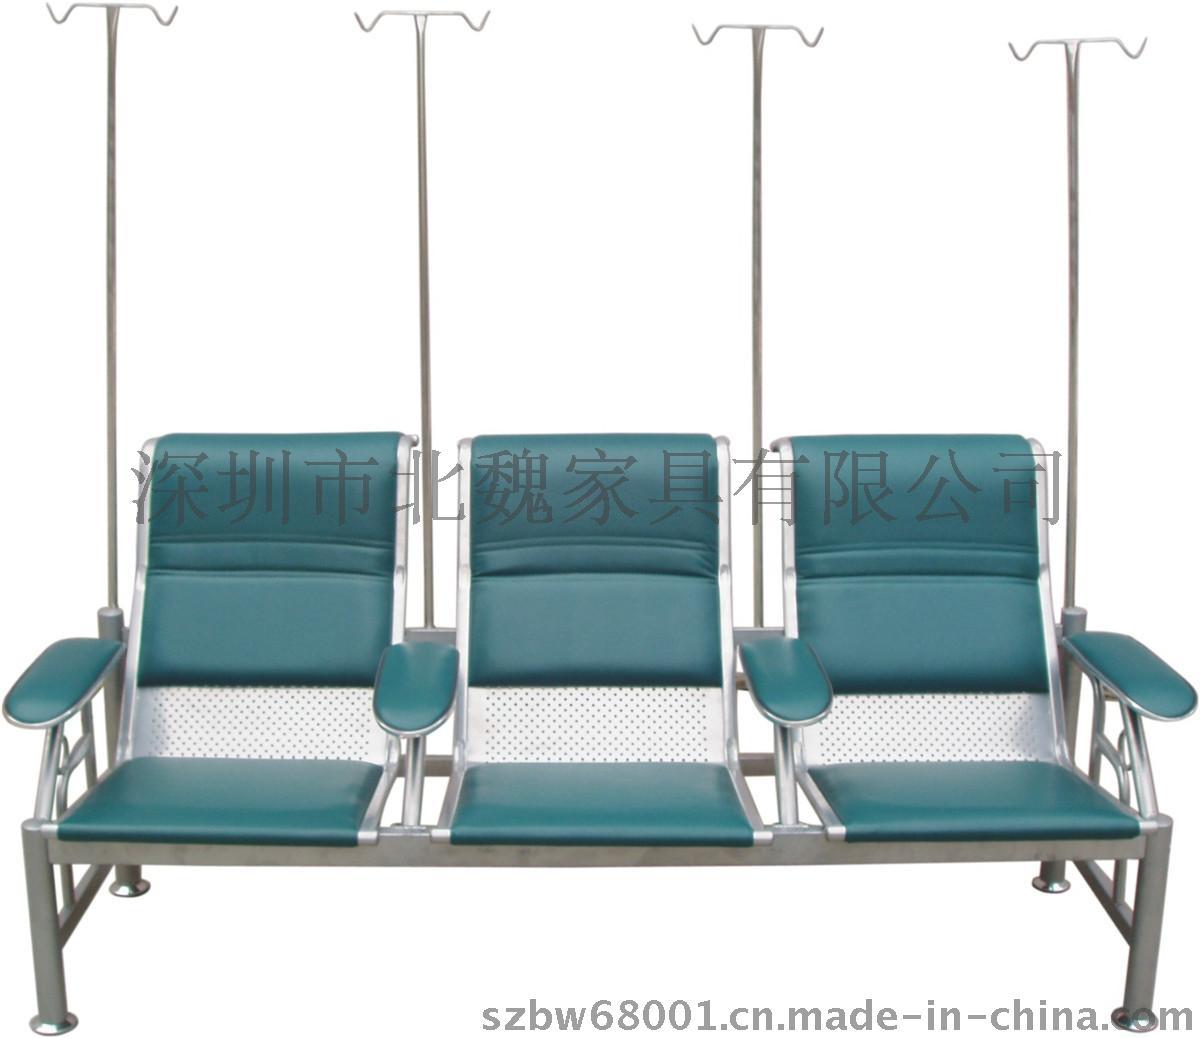 医用输液椅、医用吊针椅、医用挂水椅、不锈钢输液椅、输液椅价格、医院输液椅厂家输液椅图片690176715